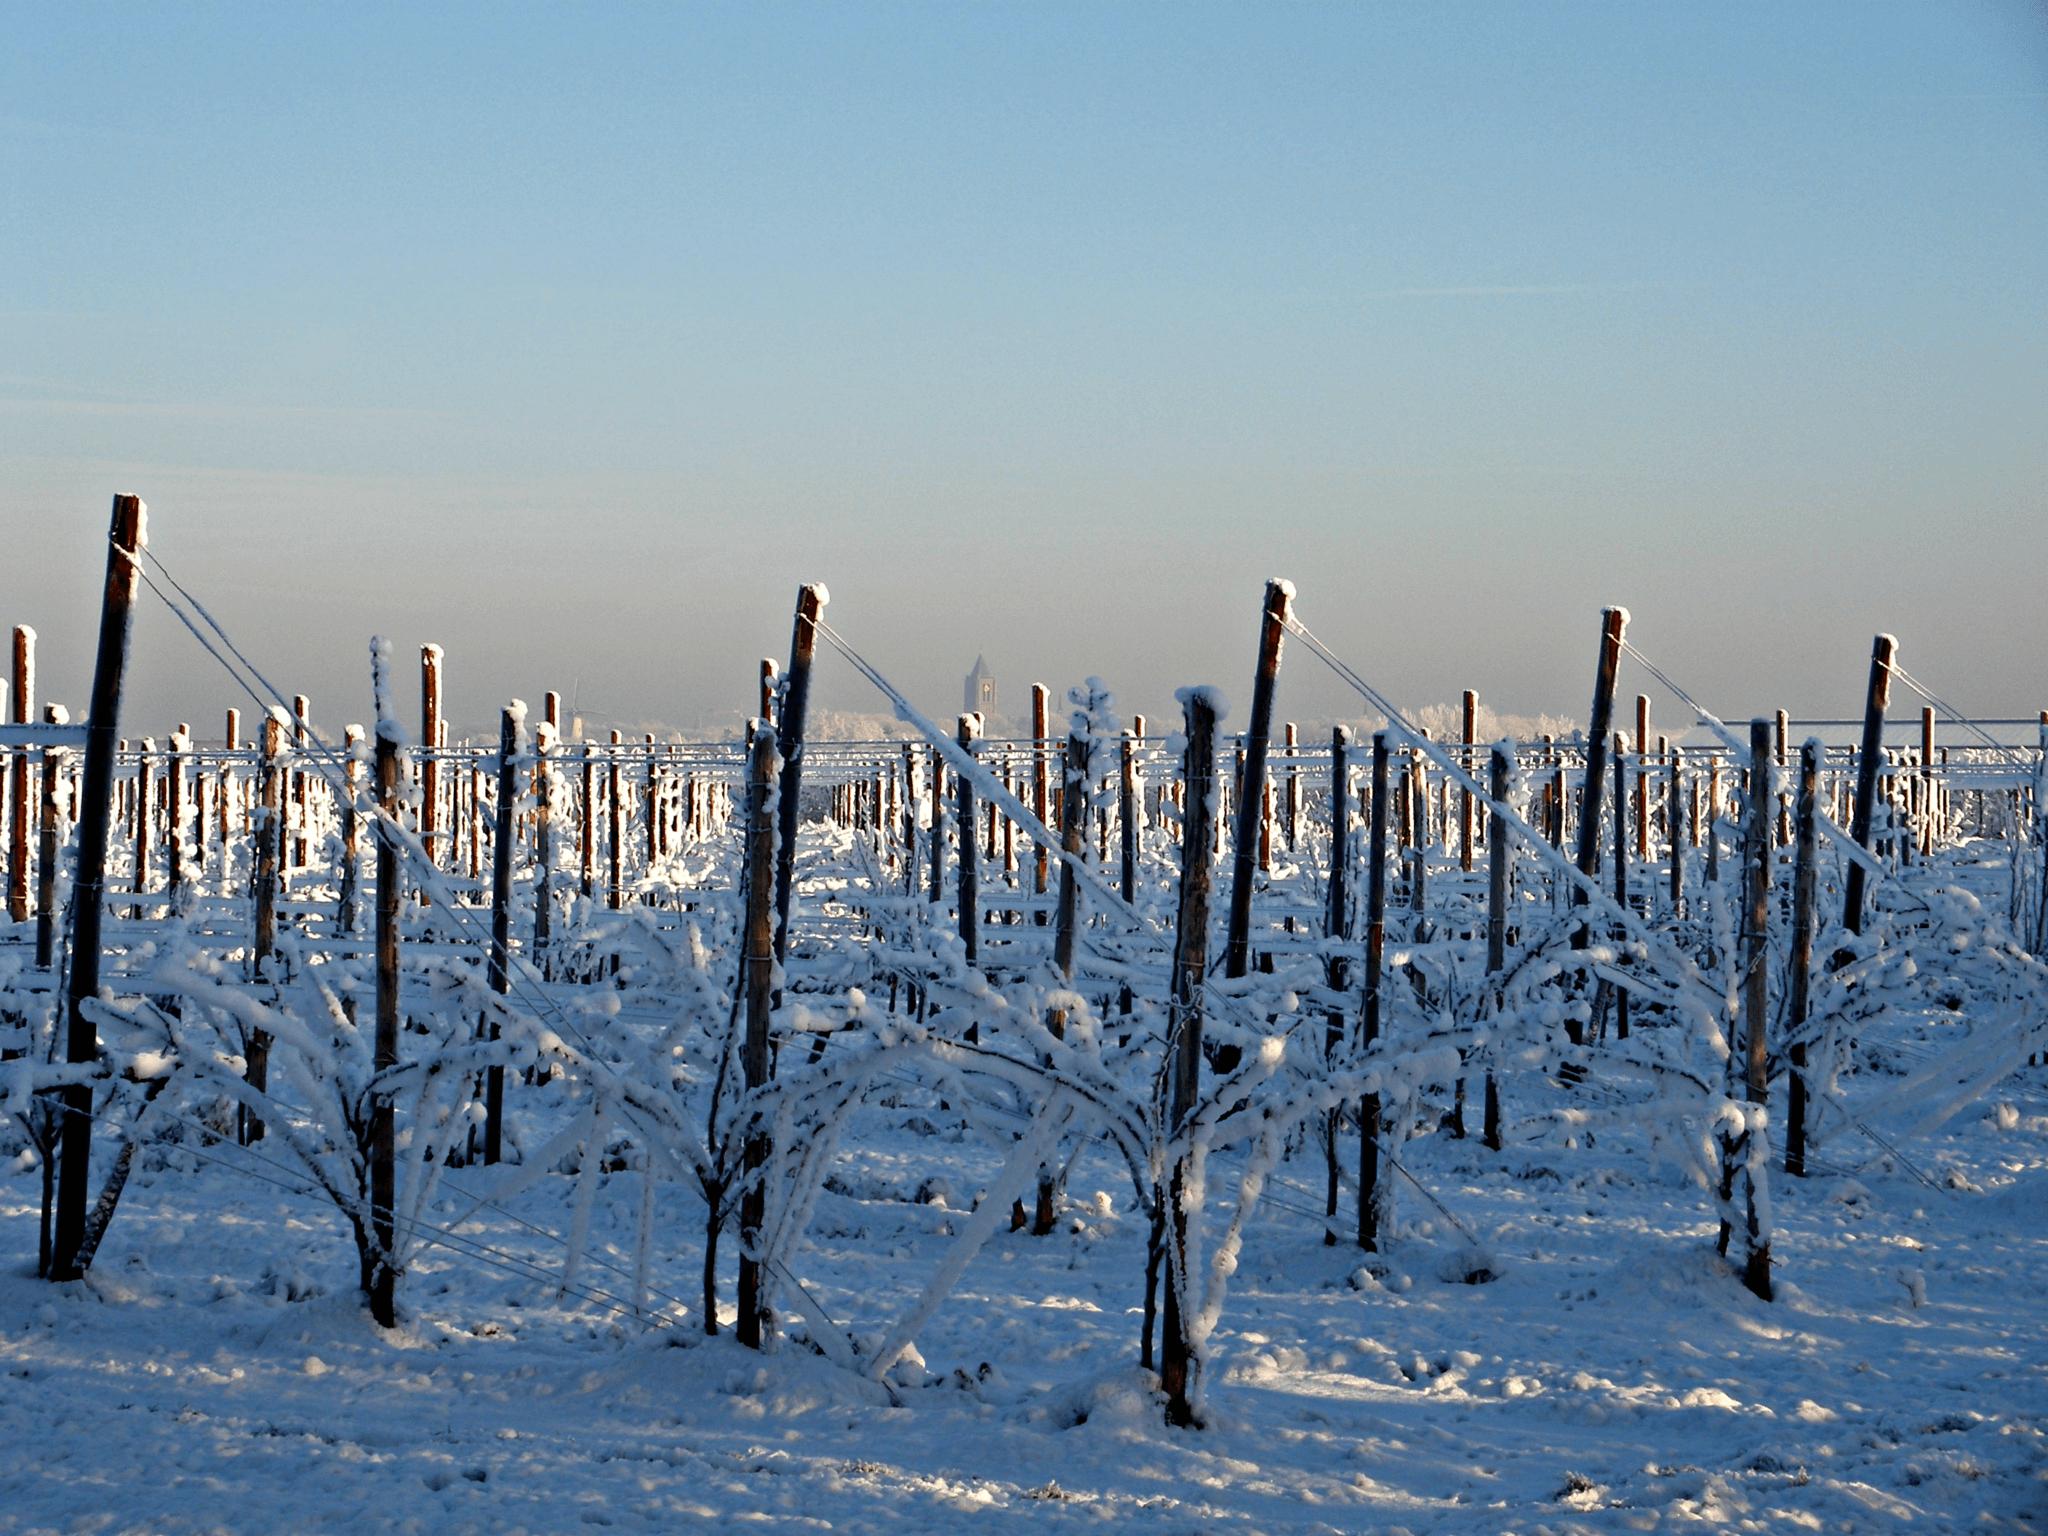 Fruitbedrijf Van den Berge_Winter_boomgaard in sneeuw